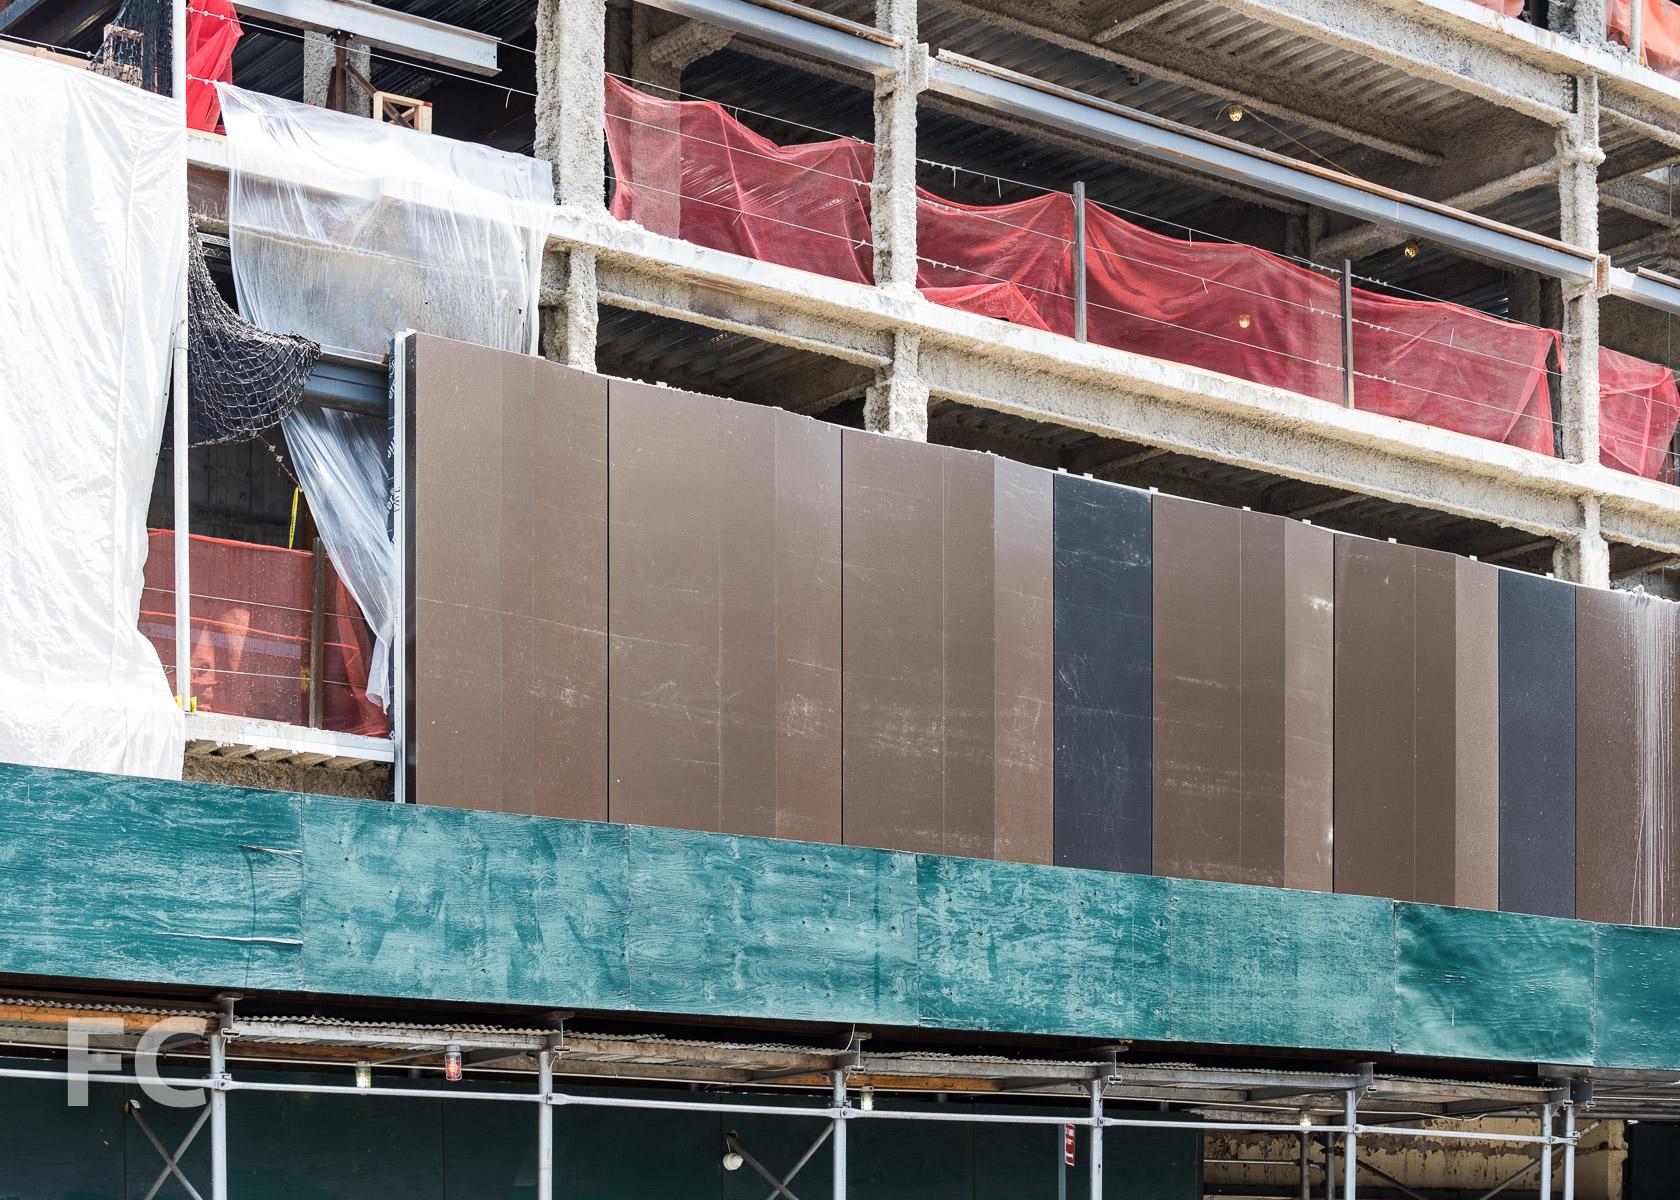 Close-up of the metal façade panels.